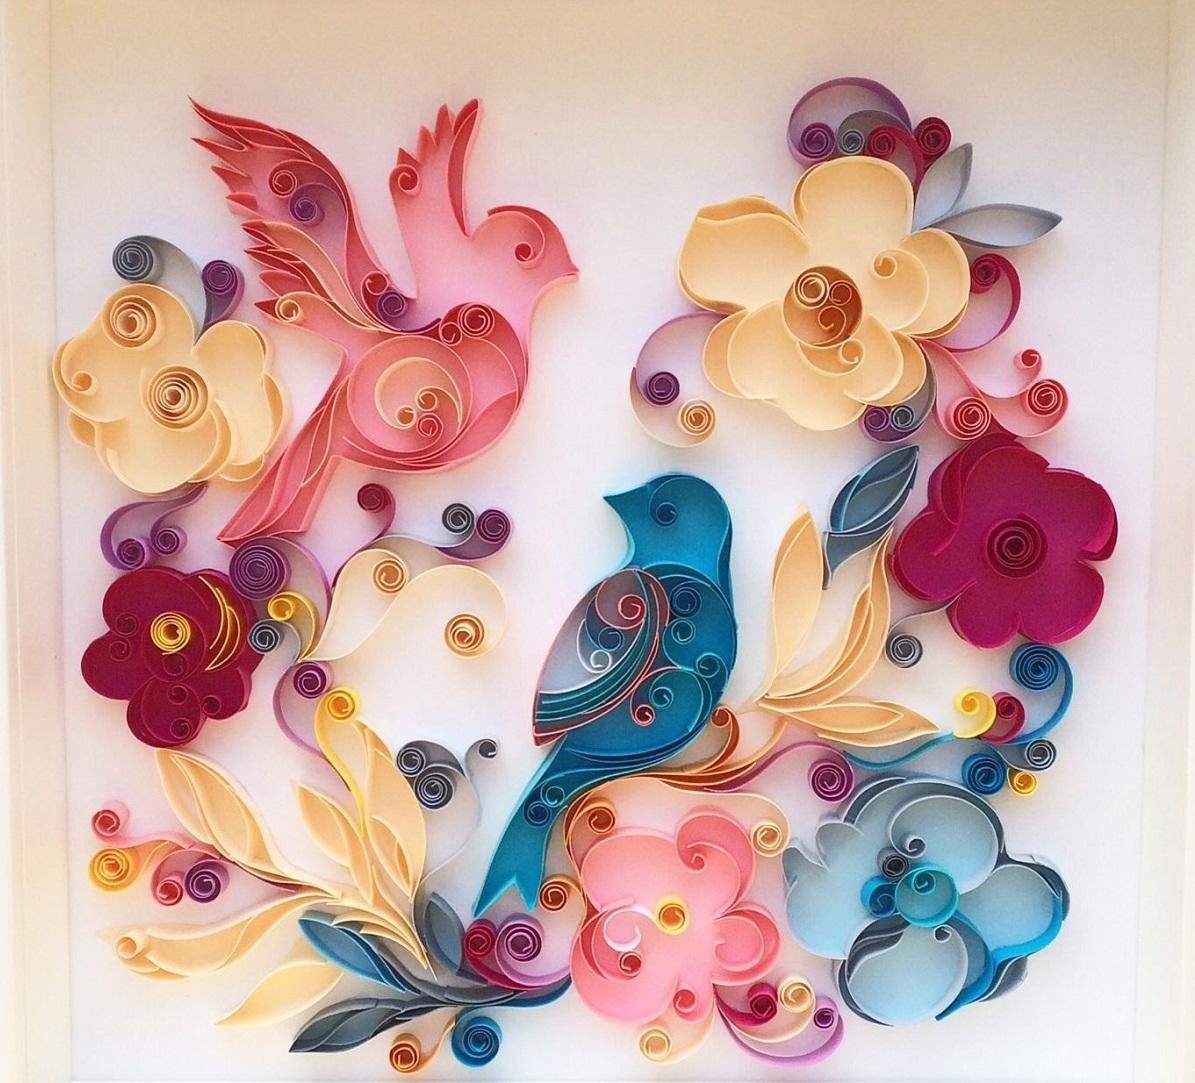 идеи творчества своими руками картинки замечательно, красиво